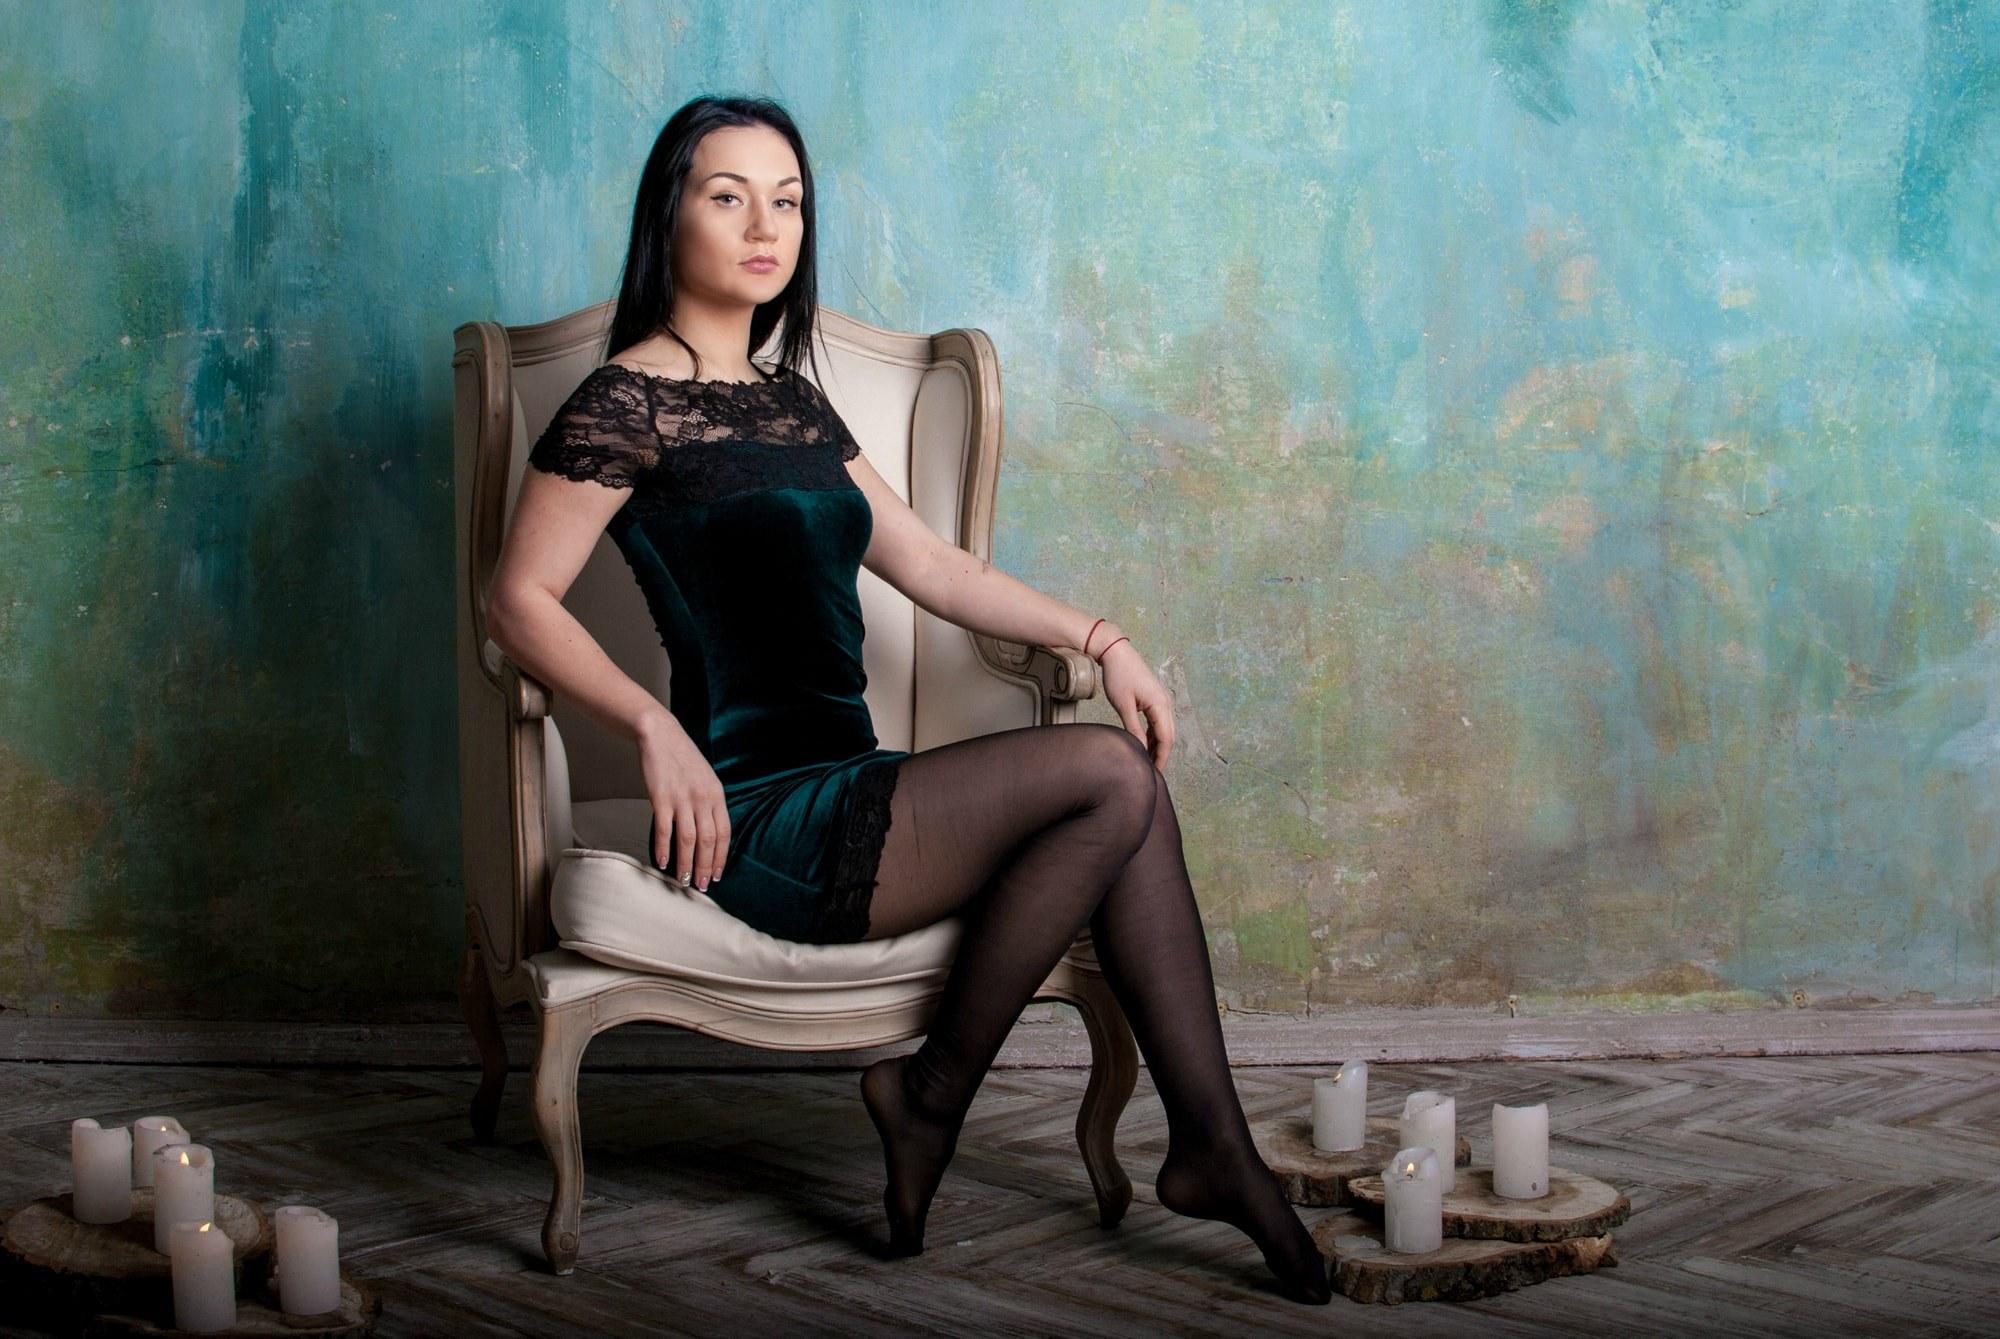 Девушка в кресле - Фотограф Киев - Женя Лайт